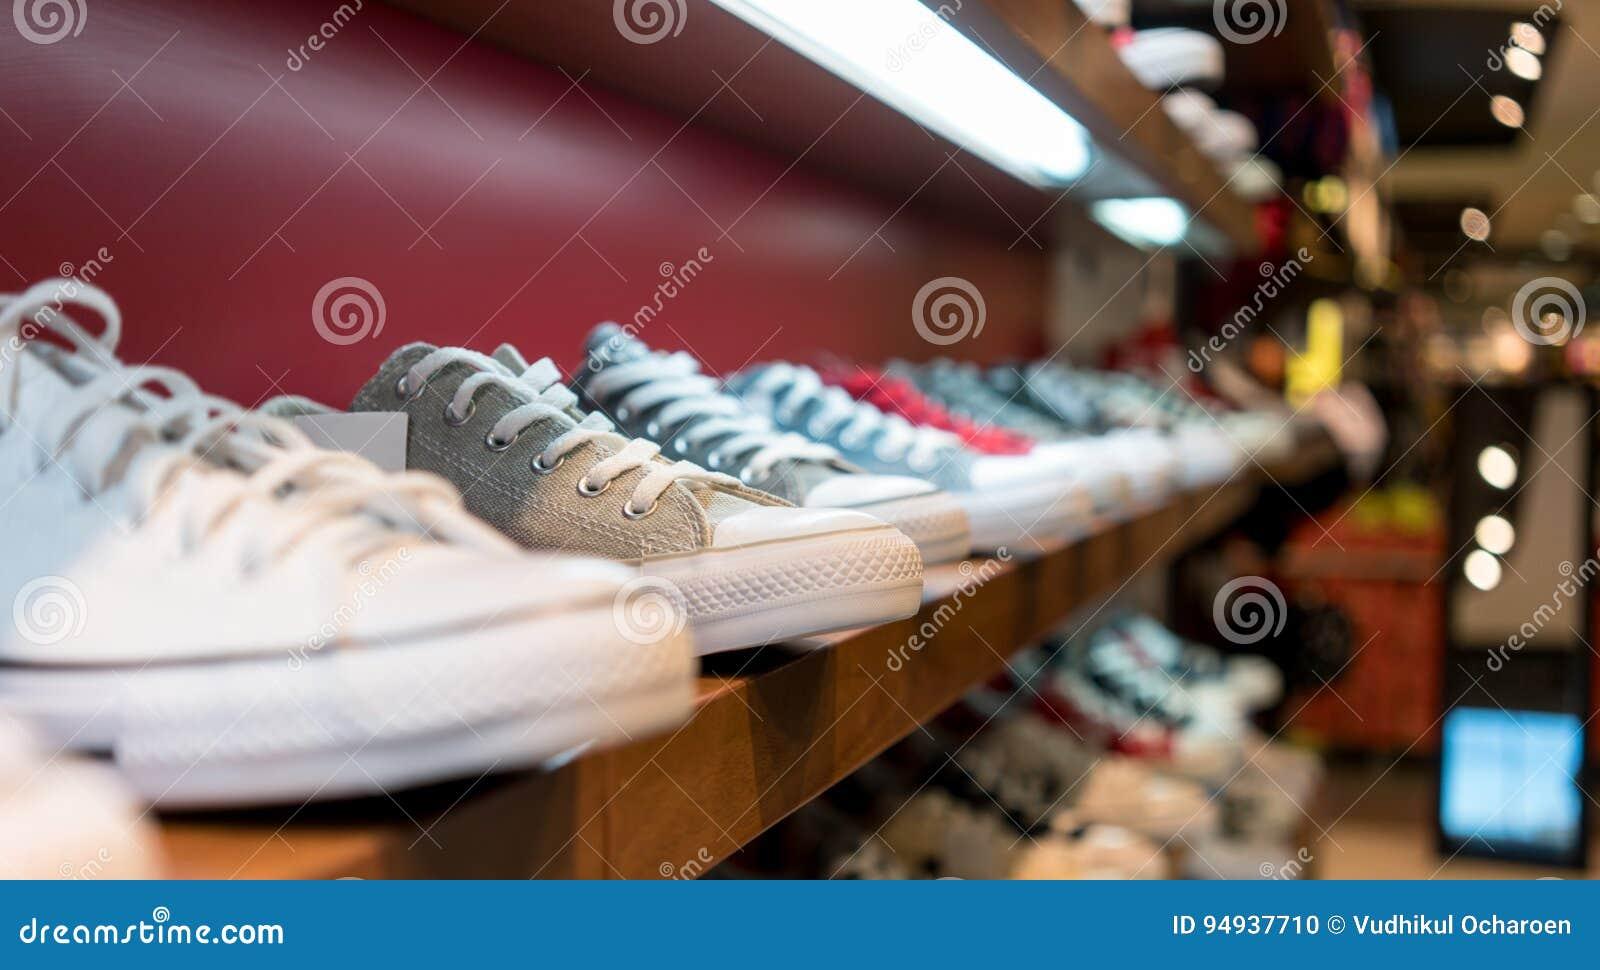 523e5893317 Περιστασιακά παπούτσια στα ράφια Στοκ Εικόνες - εικόνα από ...